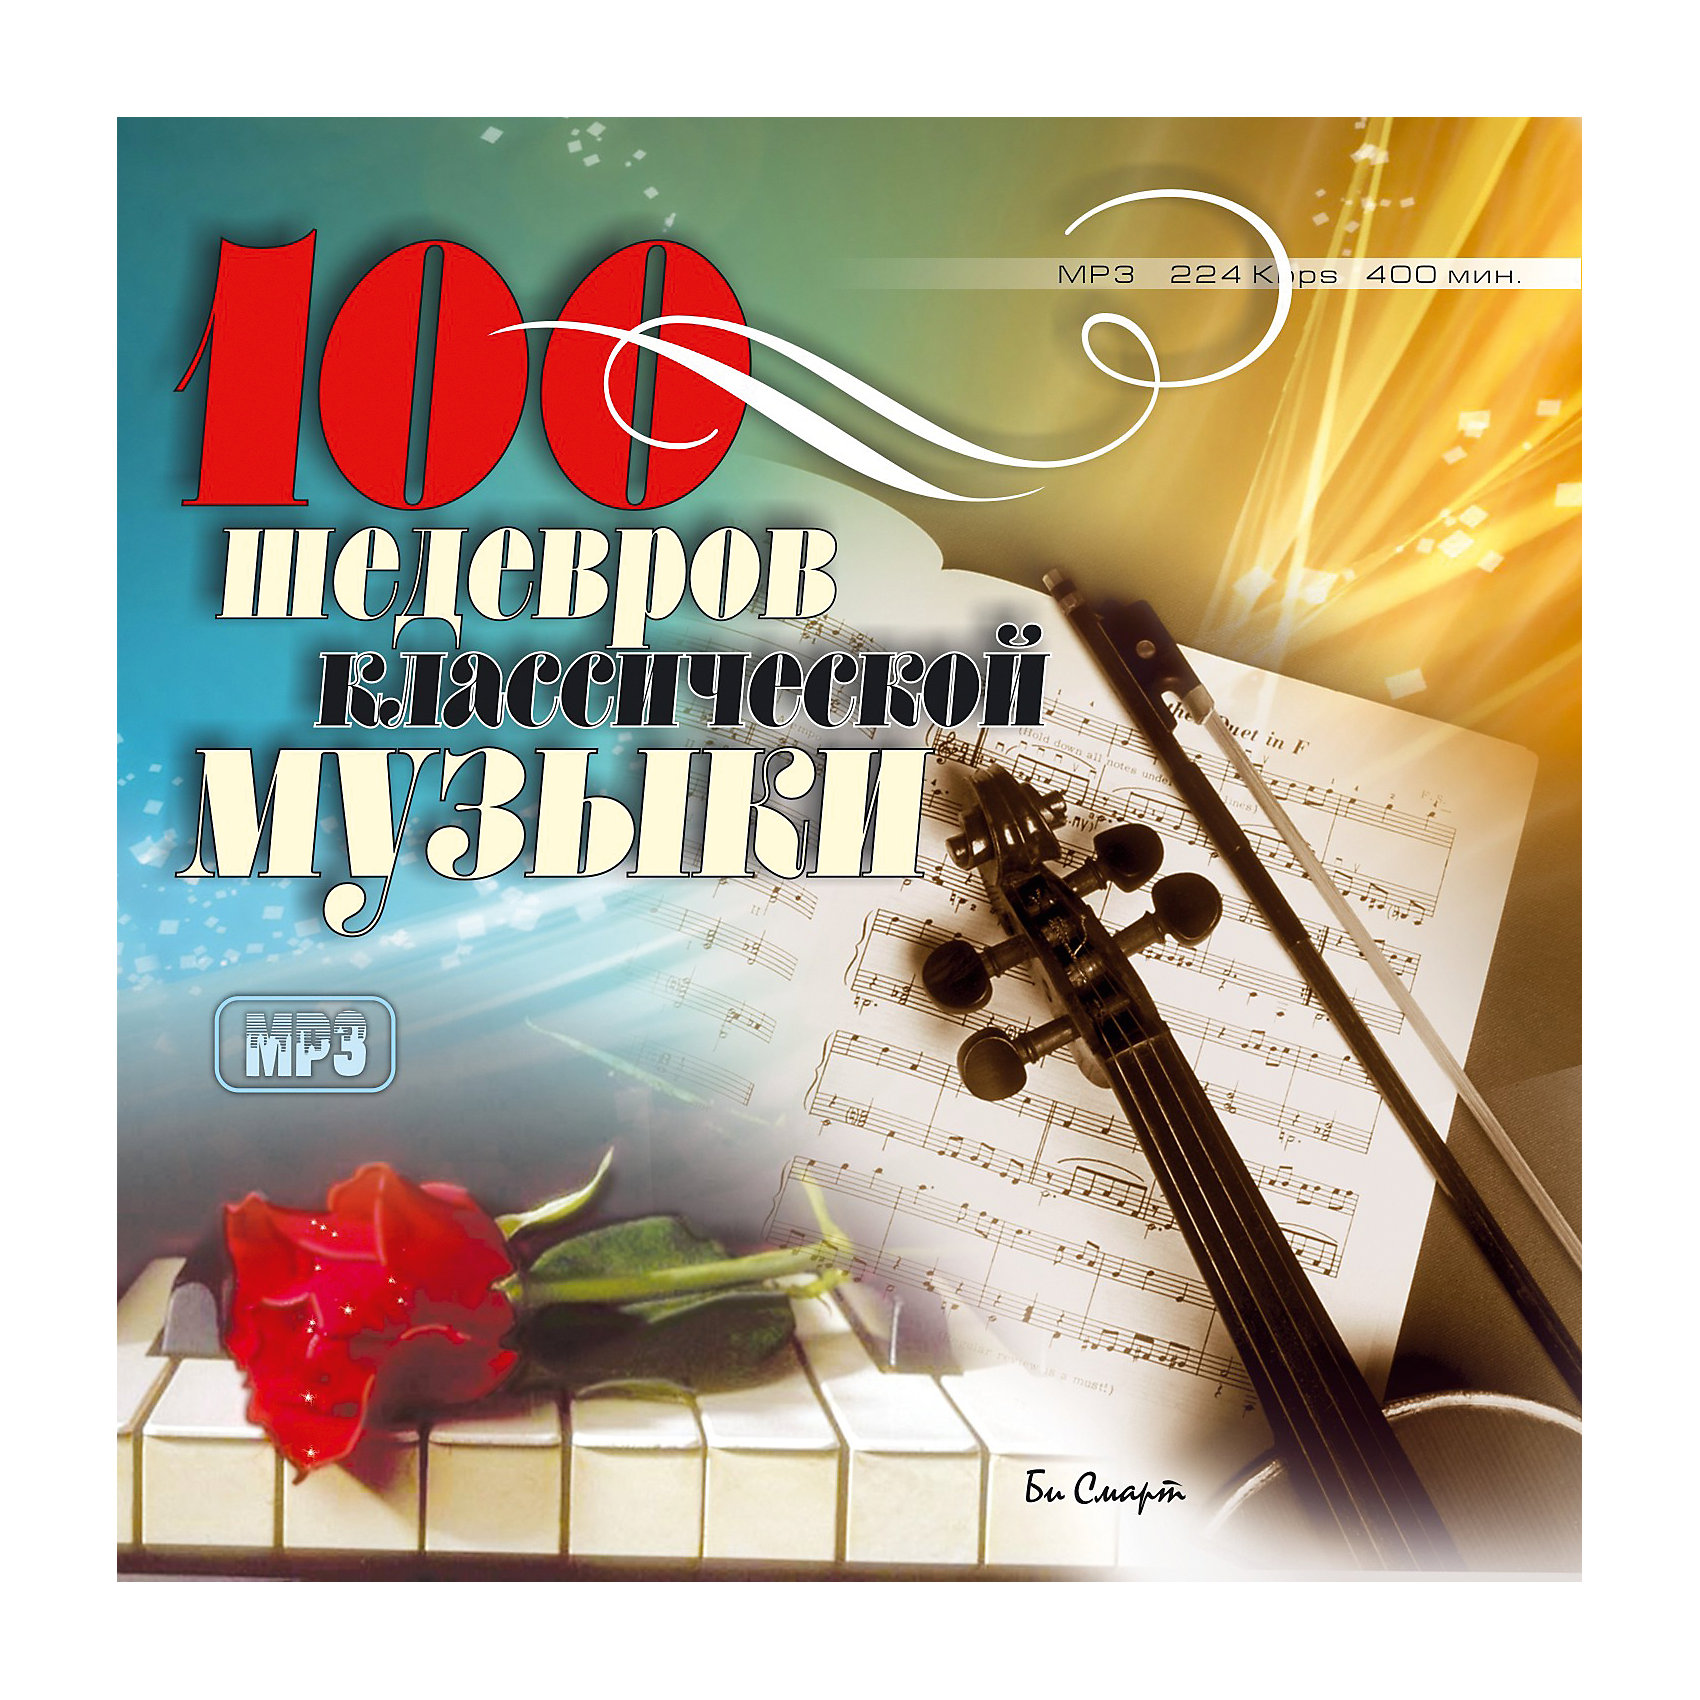 MP3 100 шедевров классической музыкиБи Смарт<br>Характеристики товара:<br><br>• размер упаковки: 12,5х10х14,2 см;<br>• вес: 79 грамм.<br><br>В MP3 «100 шедевров классической музыки» вошли самые популярные произведения. Ценители хорошей музыки по достоинству оценят красоту произведений. Произведения, собранные со всех уголков планеты будут интересны и детям, и взрослым.<br><br>MP3 100 шедевров классической музыки  можно купить в нашем интернет-магазине.<br><br>Ширина мм: 142<br>Глубина мм: 100<br>Высота мм: 125<br>Вес г: 79<br>Возраст от месяцев: 36<br>Возраст до месяцев: 2147483647<br>Пол: Унисекс<br>Возраст: Детский<br>SKU: 5614914